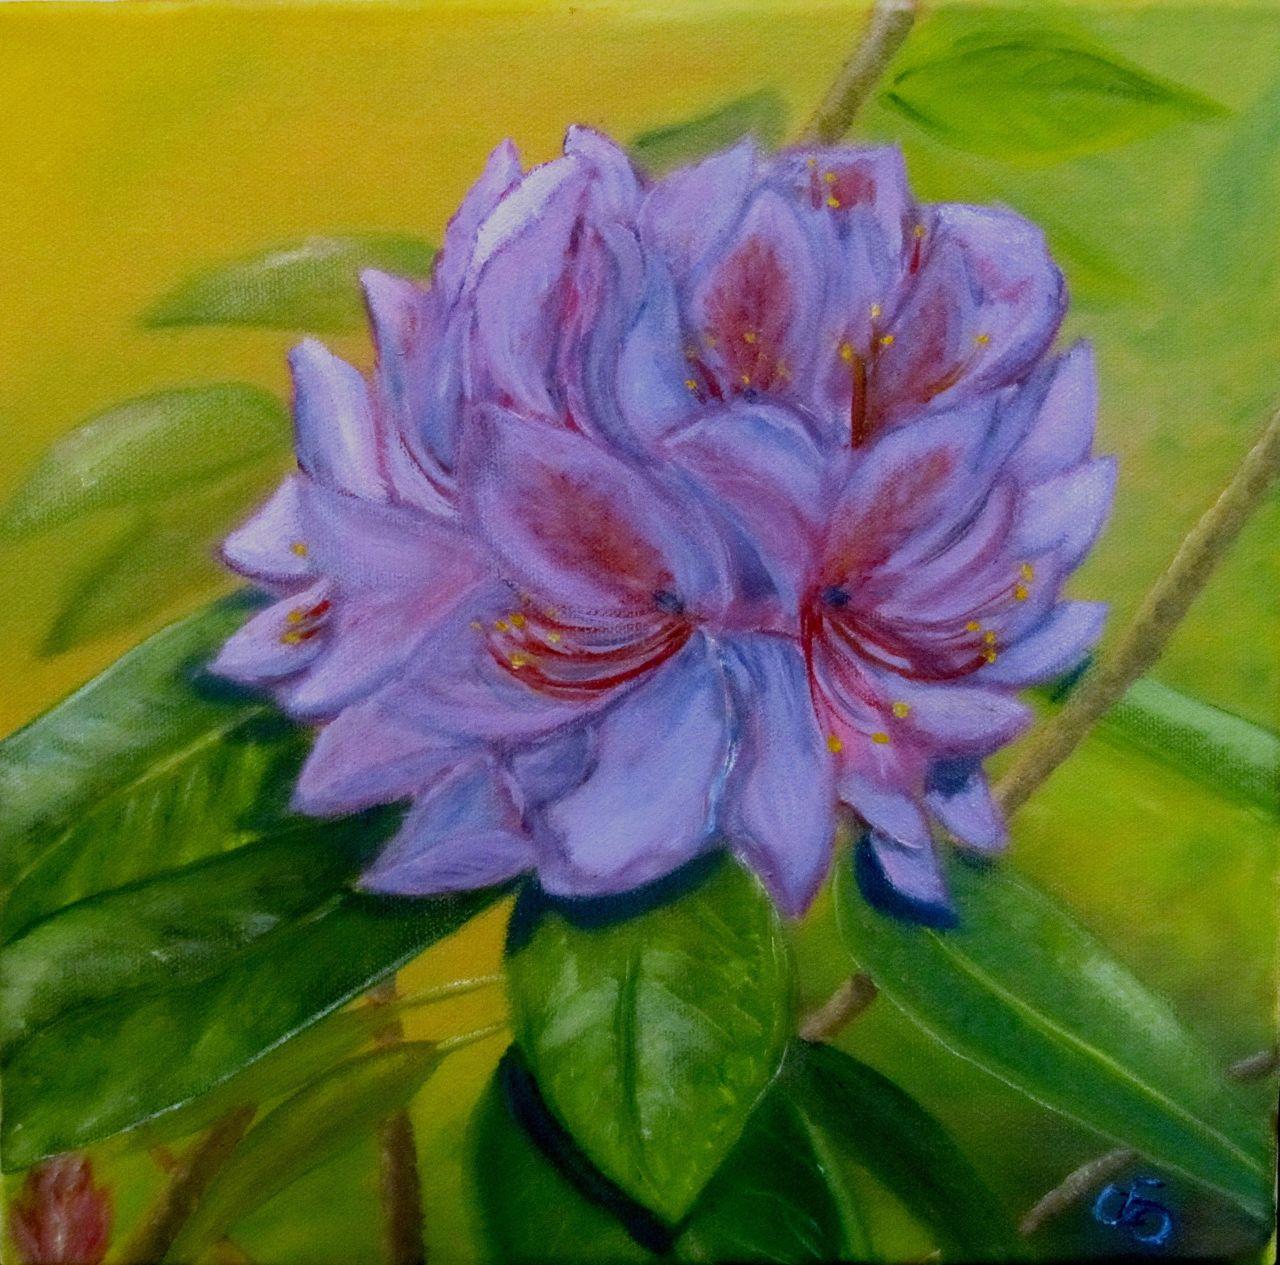 Verführerisch Blumen Mai Beste Wahl Pflanzen, Blumen, Blüte, Flora, Garten, Rhododendron